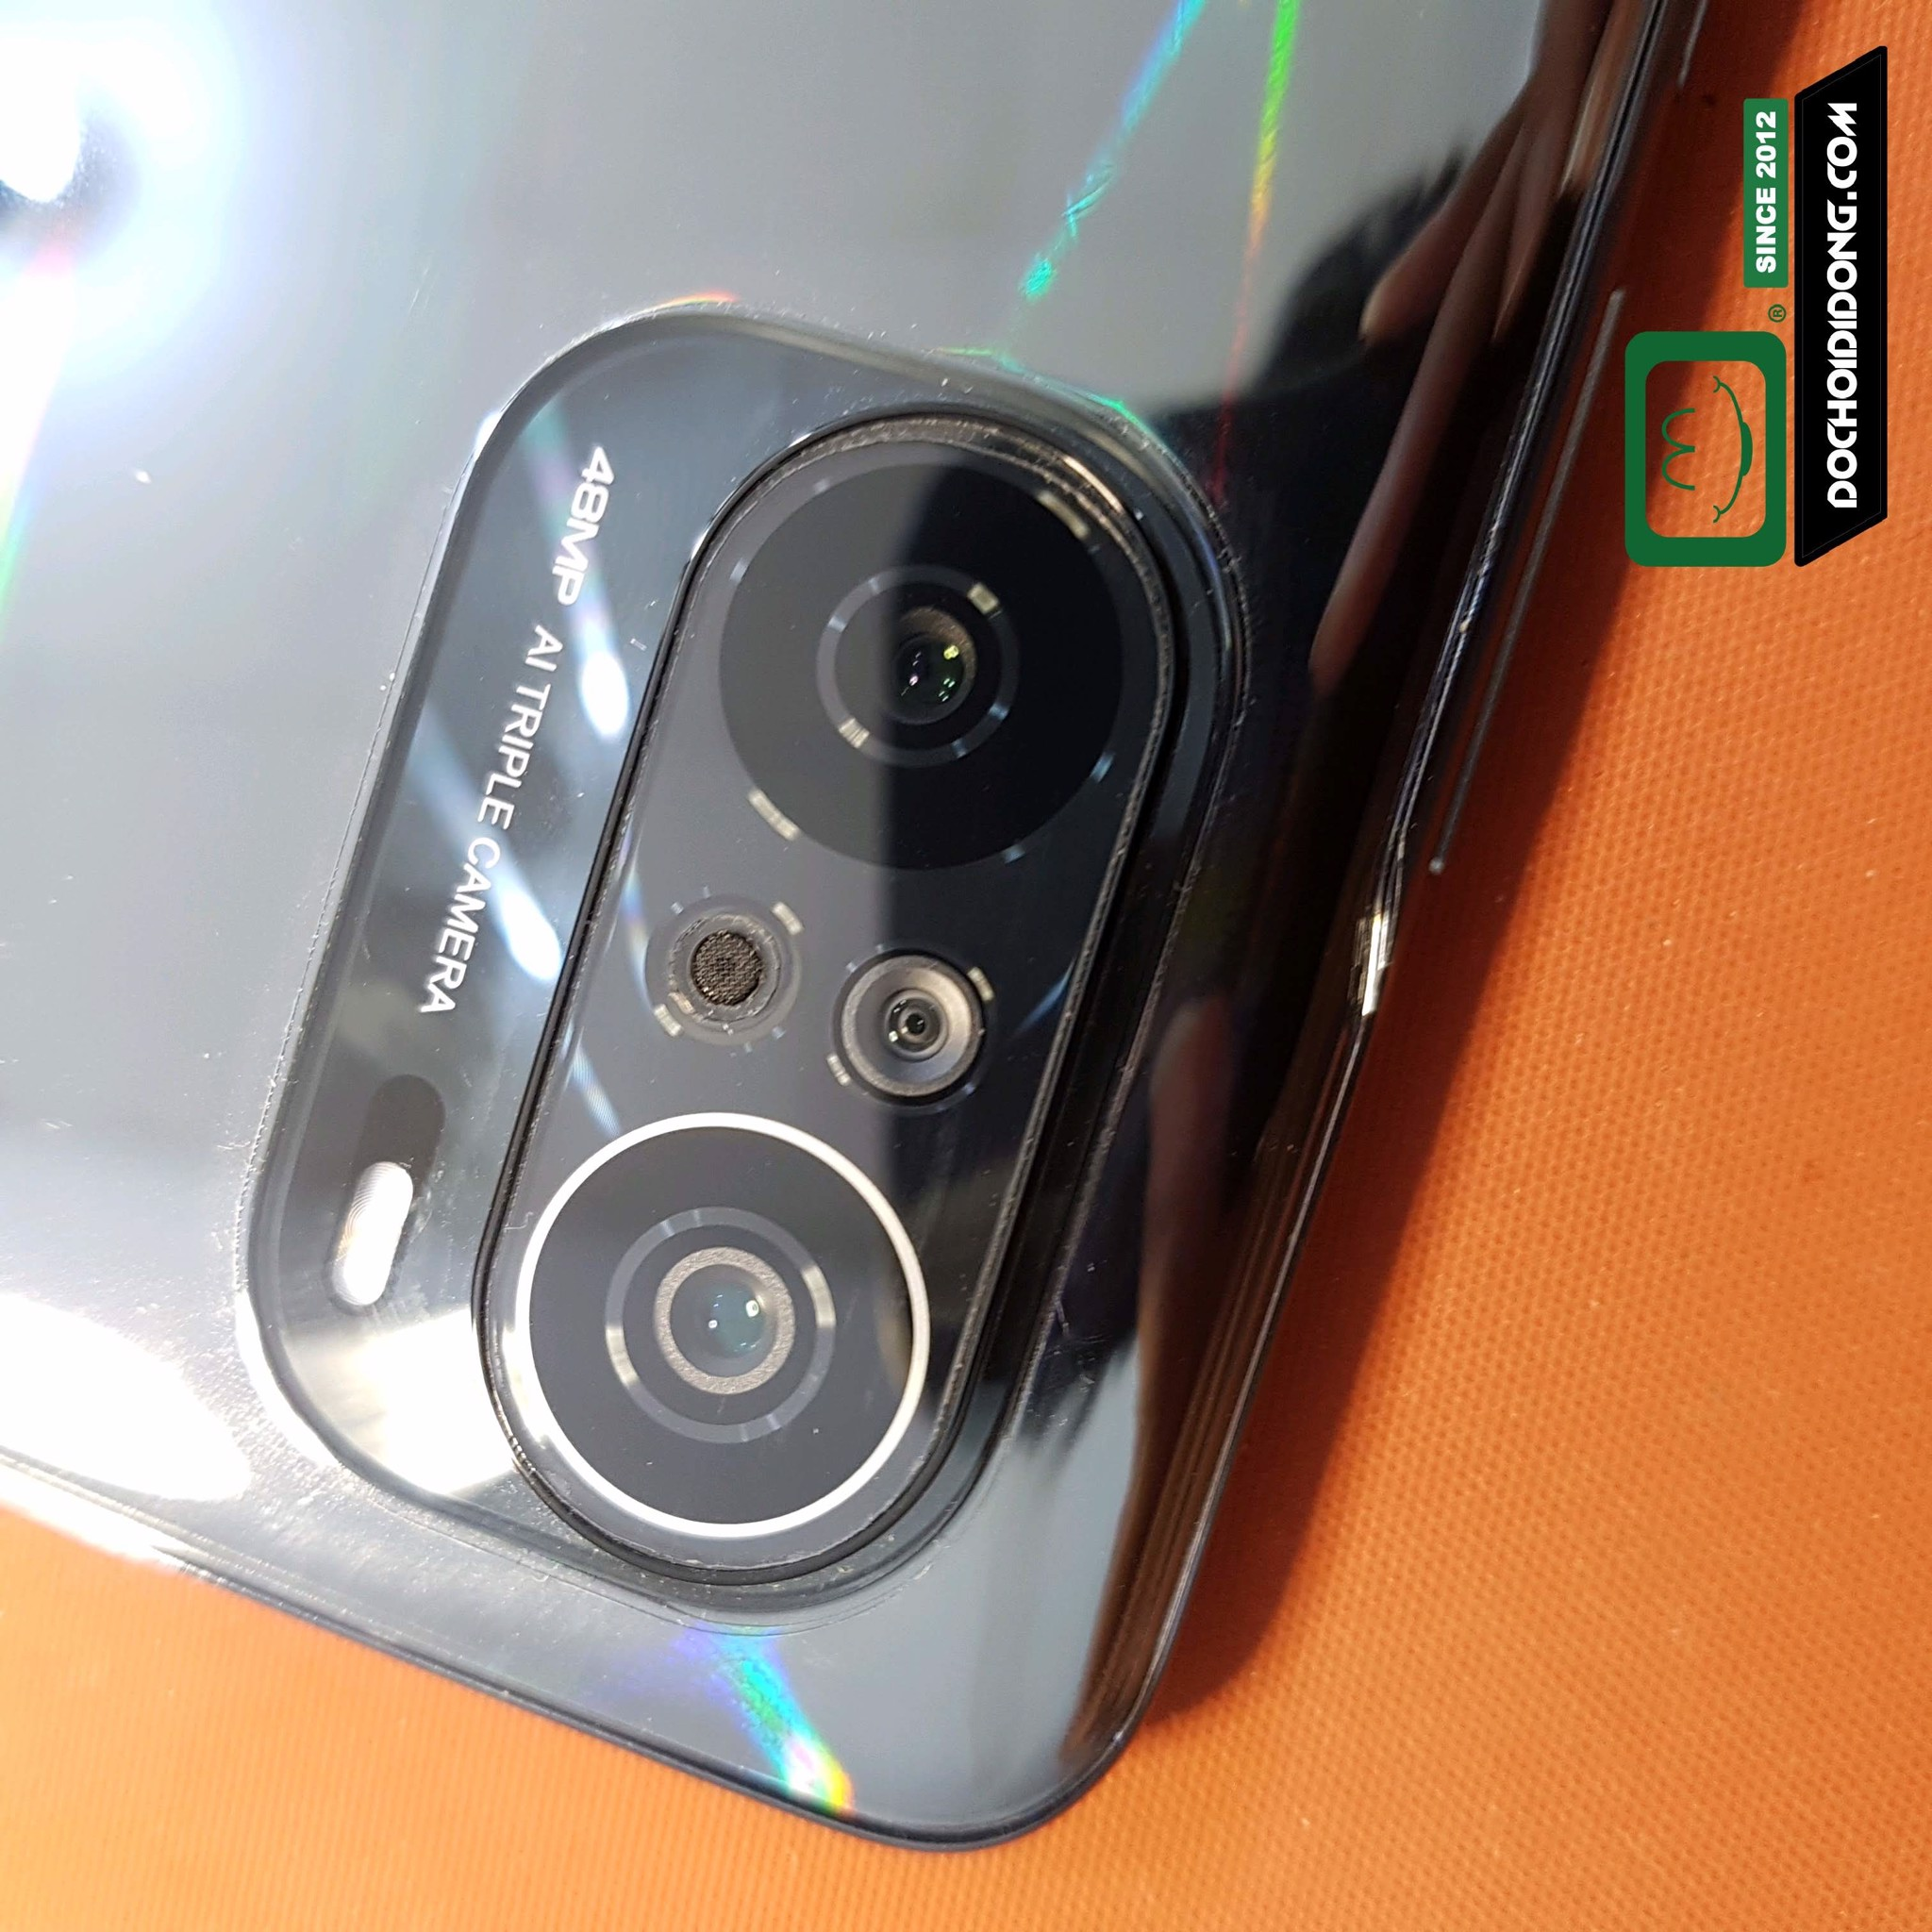 mieng-dan-cuong-luc-camera-redmi-k40-poco-f3-nguyen-lieu-nano-cao-cap